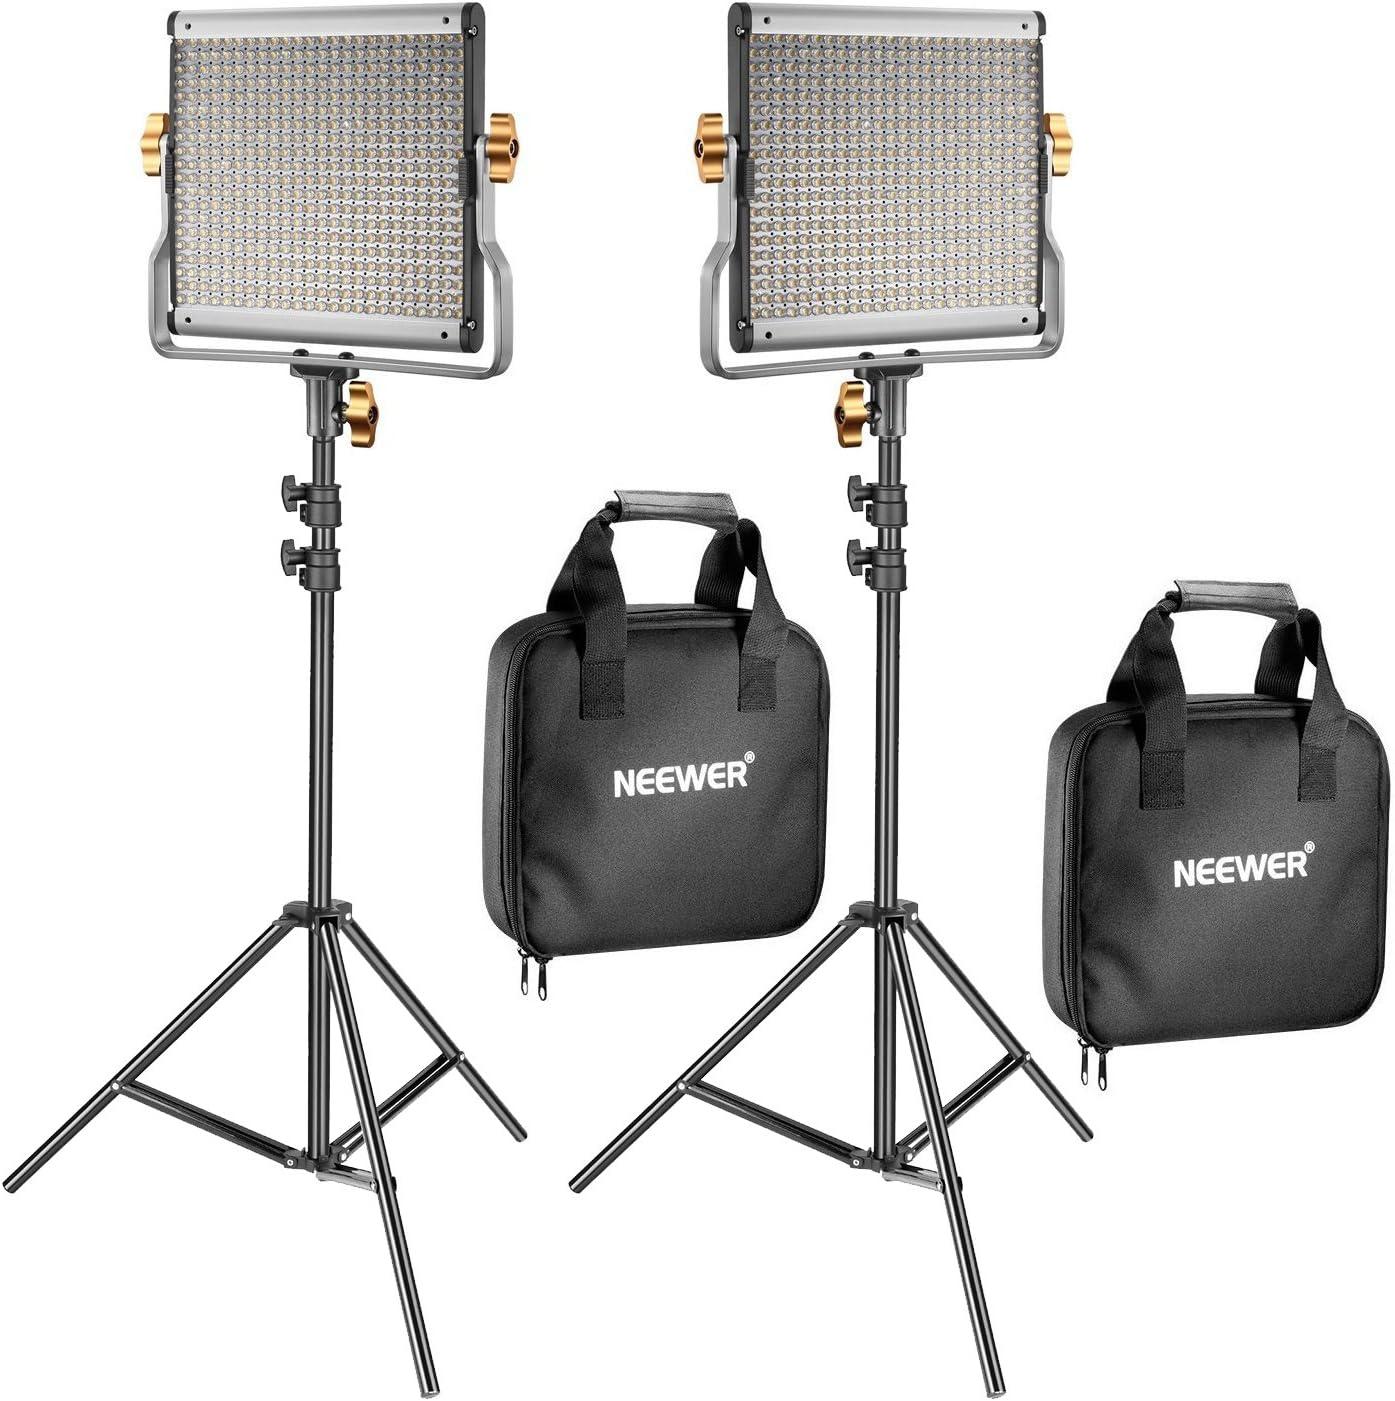 Neewer 2 Pack Regulable Bi-Color 480 LED de Luz de Vídeo y Kit de Iluminación de Soporte Incluye: 3200-5600K CRI 96 + Panel de LED con Soporte U, 200 Centímetros Soporte de Luz